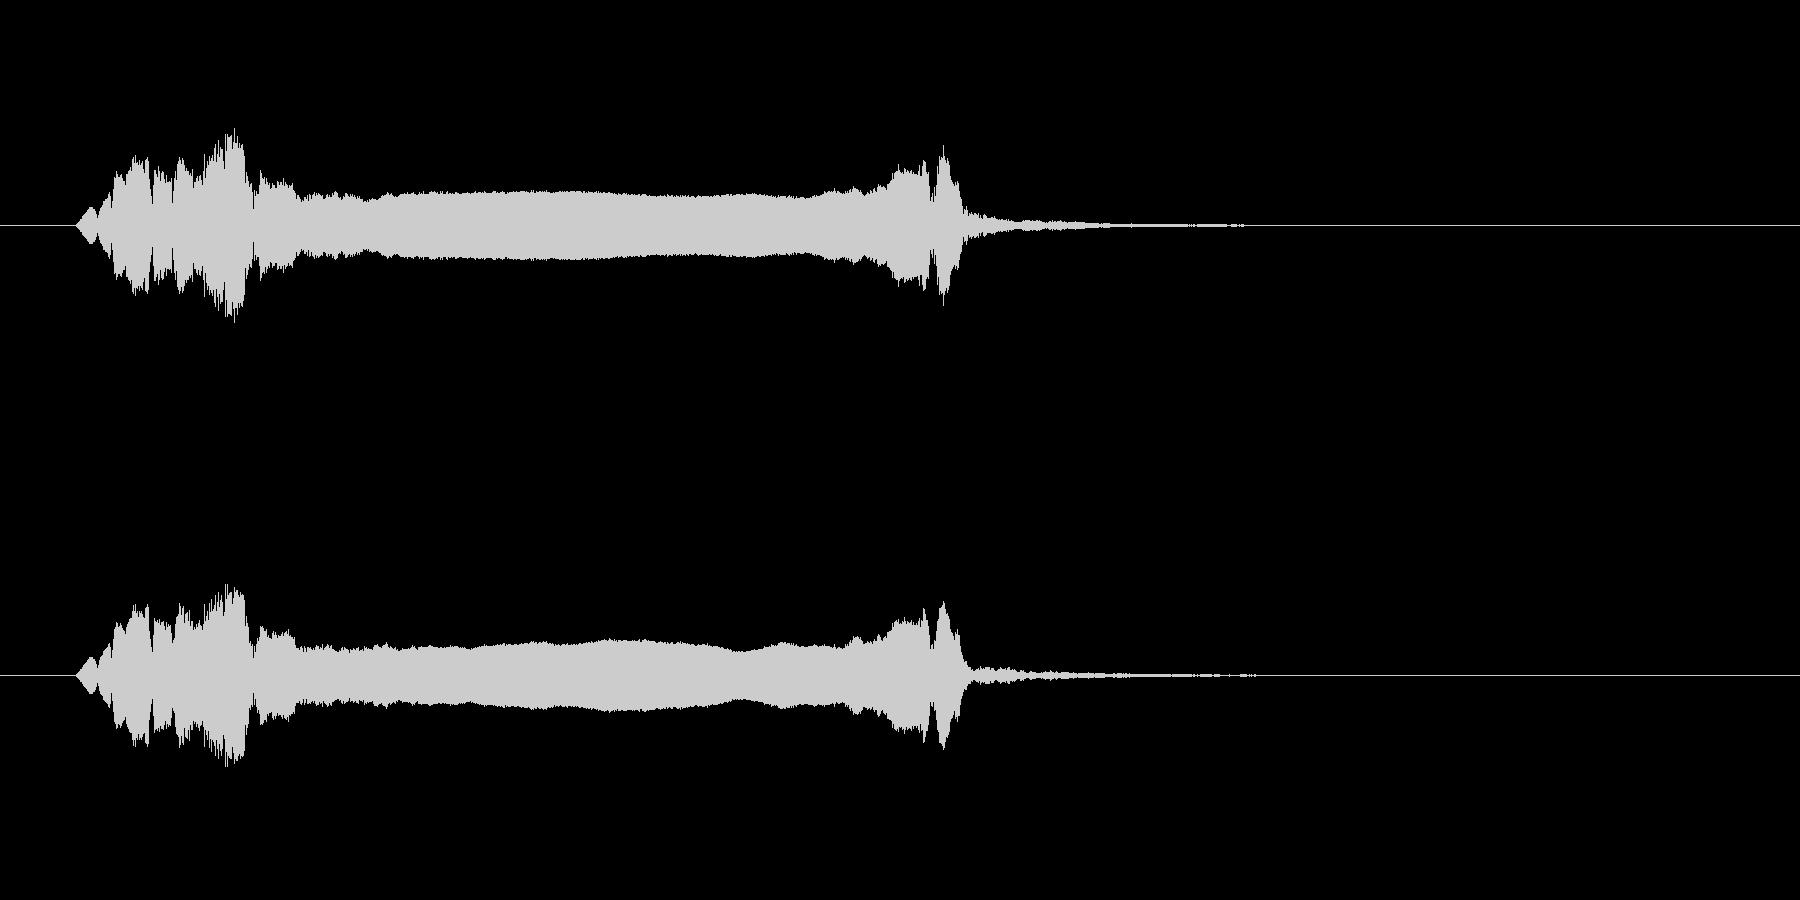 篠笛生演奏の勢いあるジングル03の未再生の波形